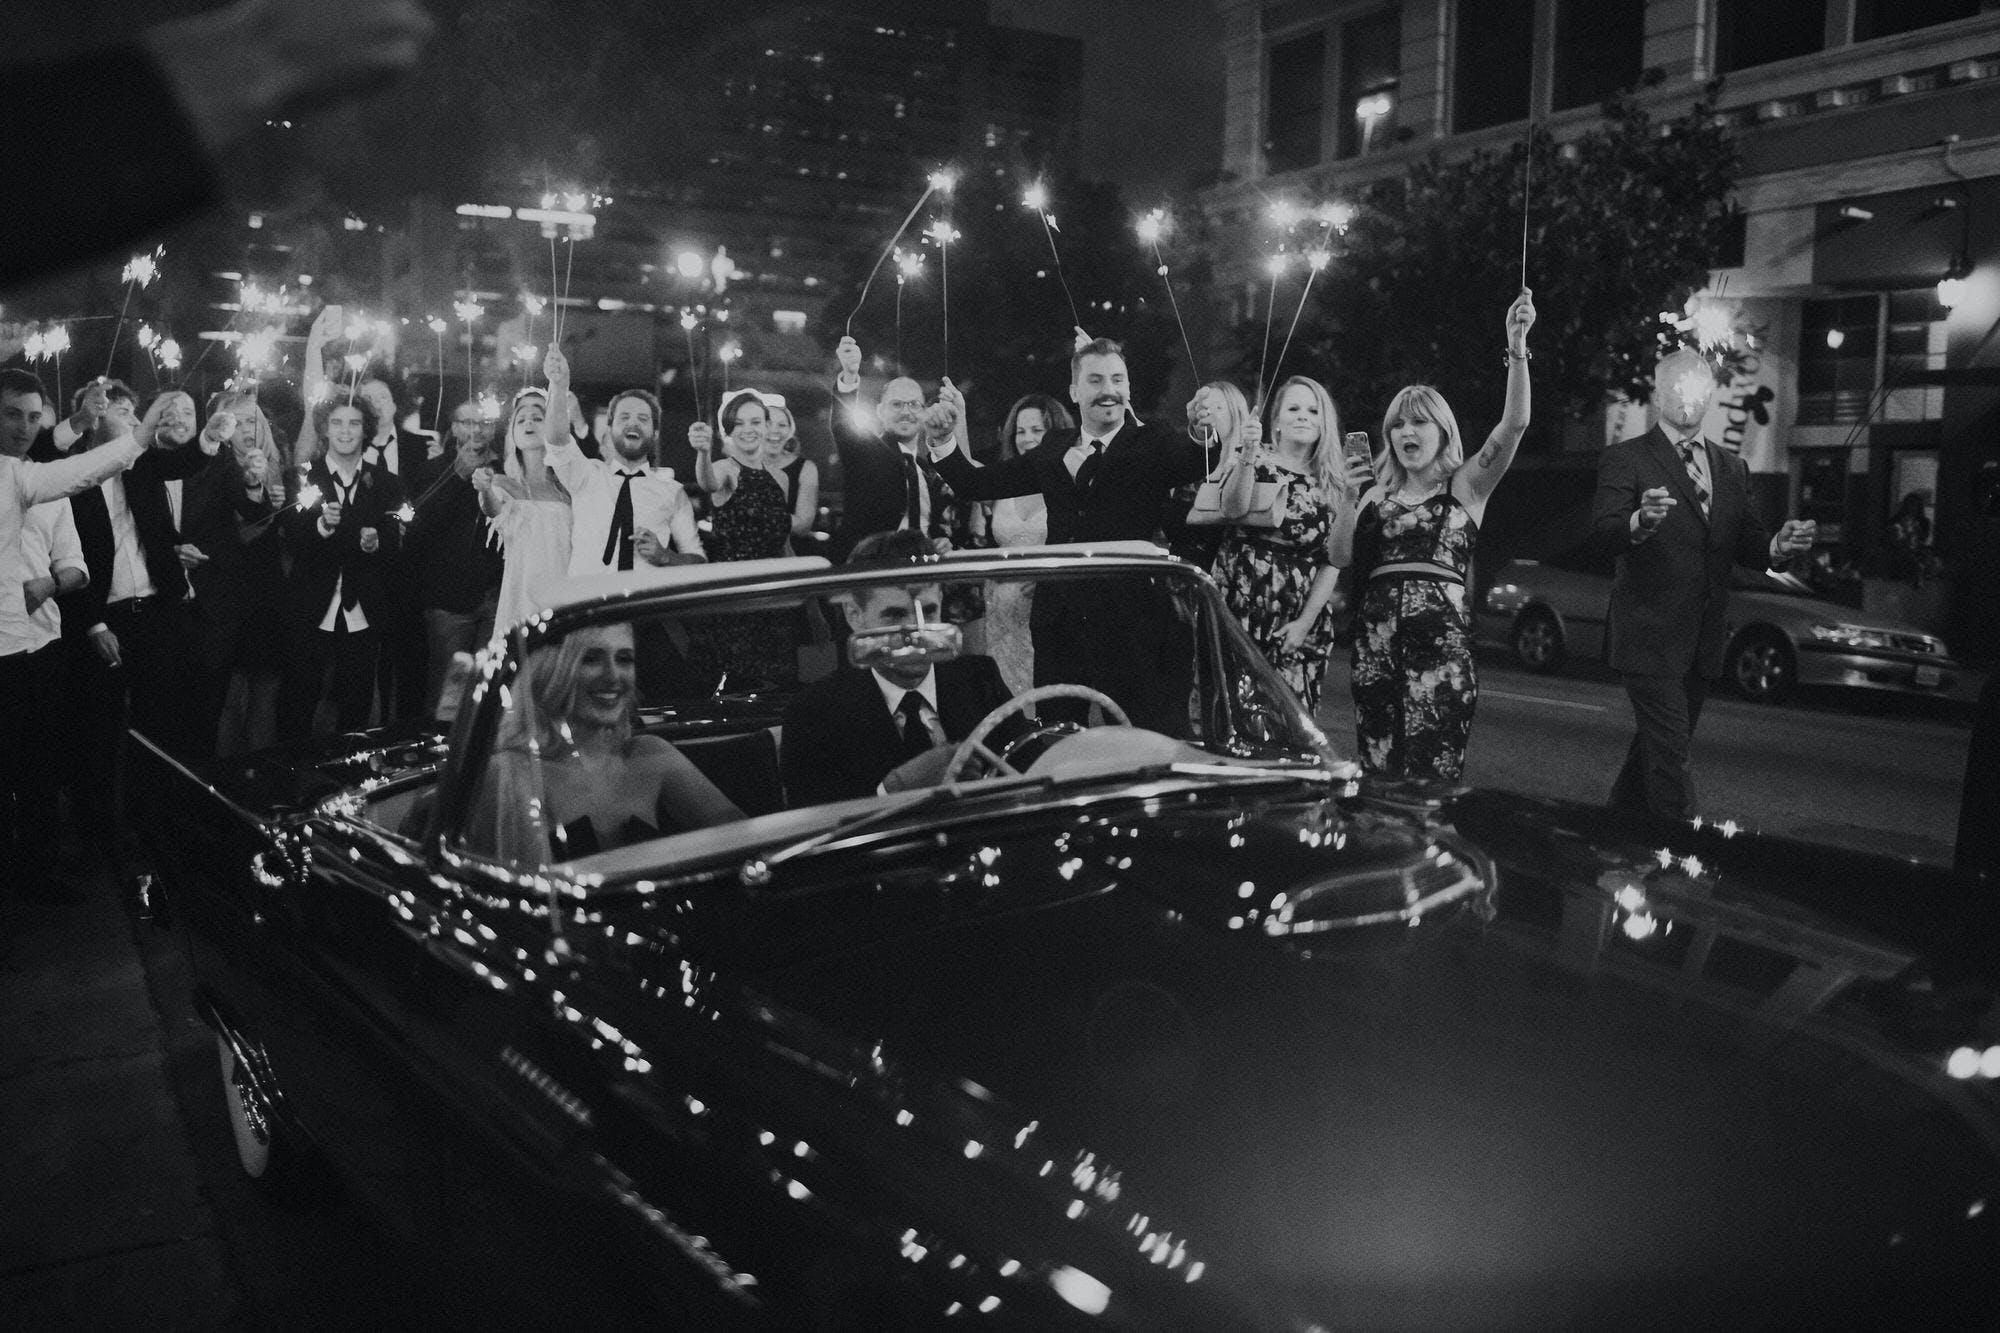 Classic car getaway wedding